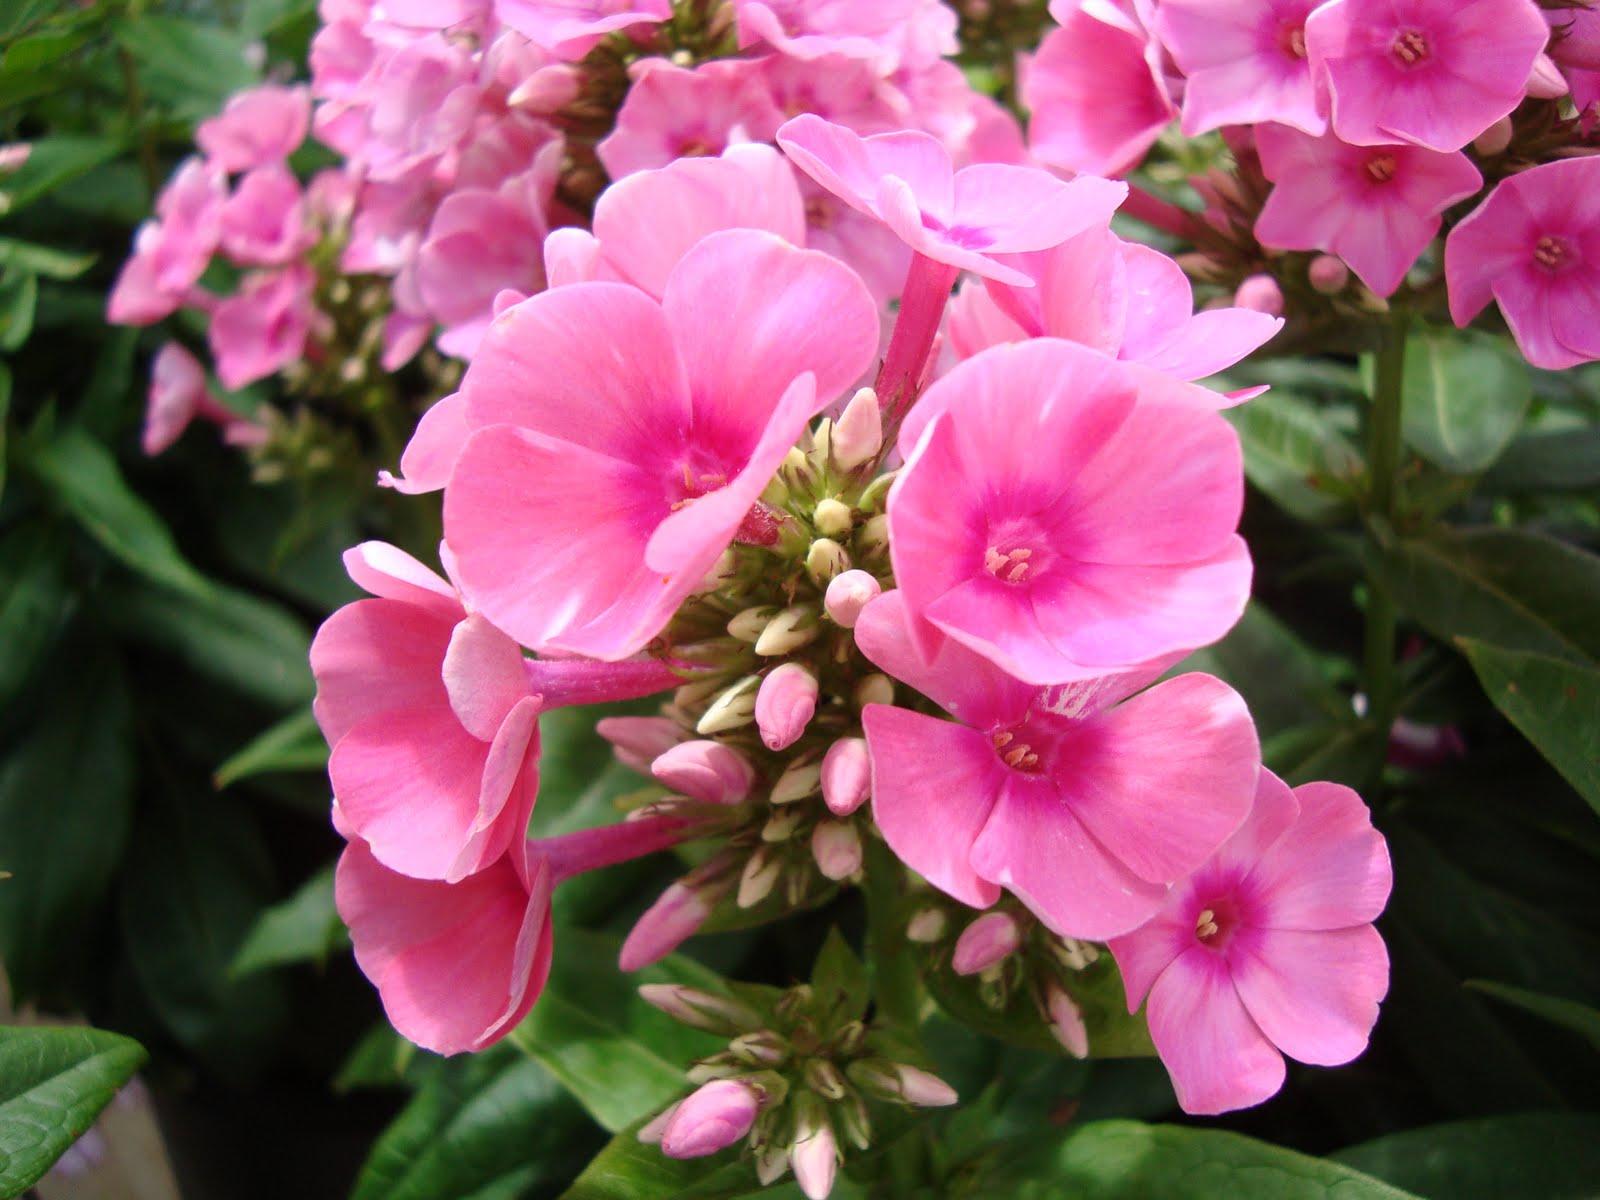 Cây hoa trúc đào – cách trồng và chăm sóc cây hoa trúc đào